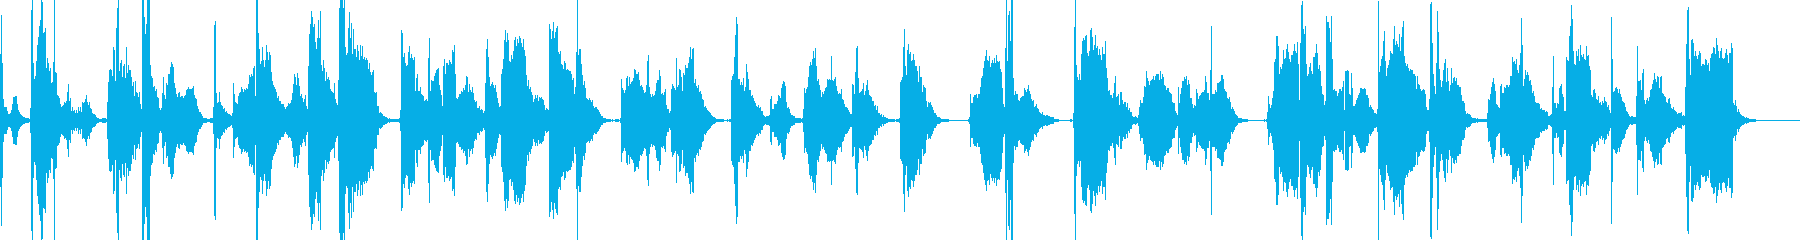 【ASRec】尺八の荘厳なソロの再生済みの波形